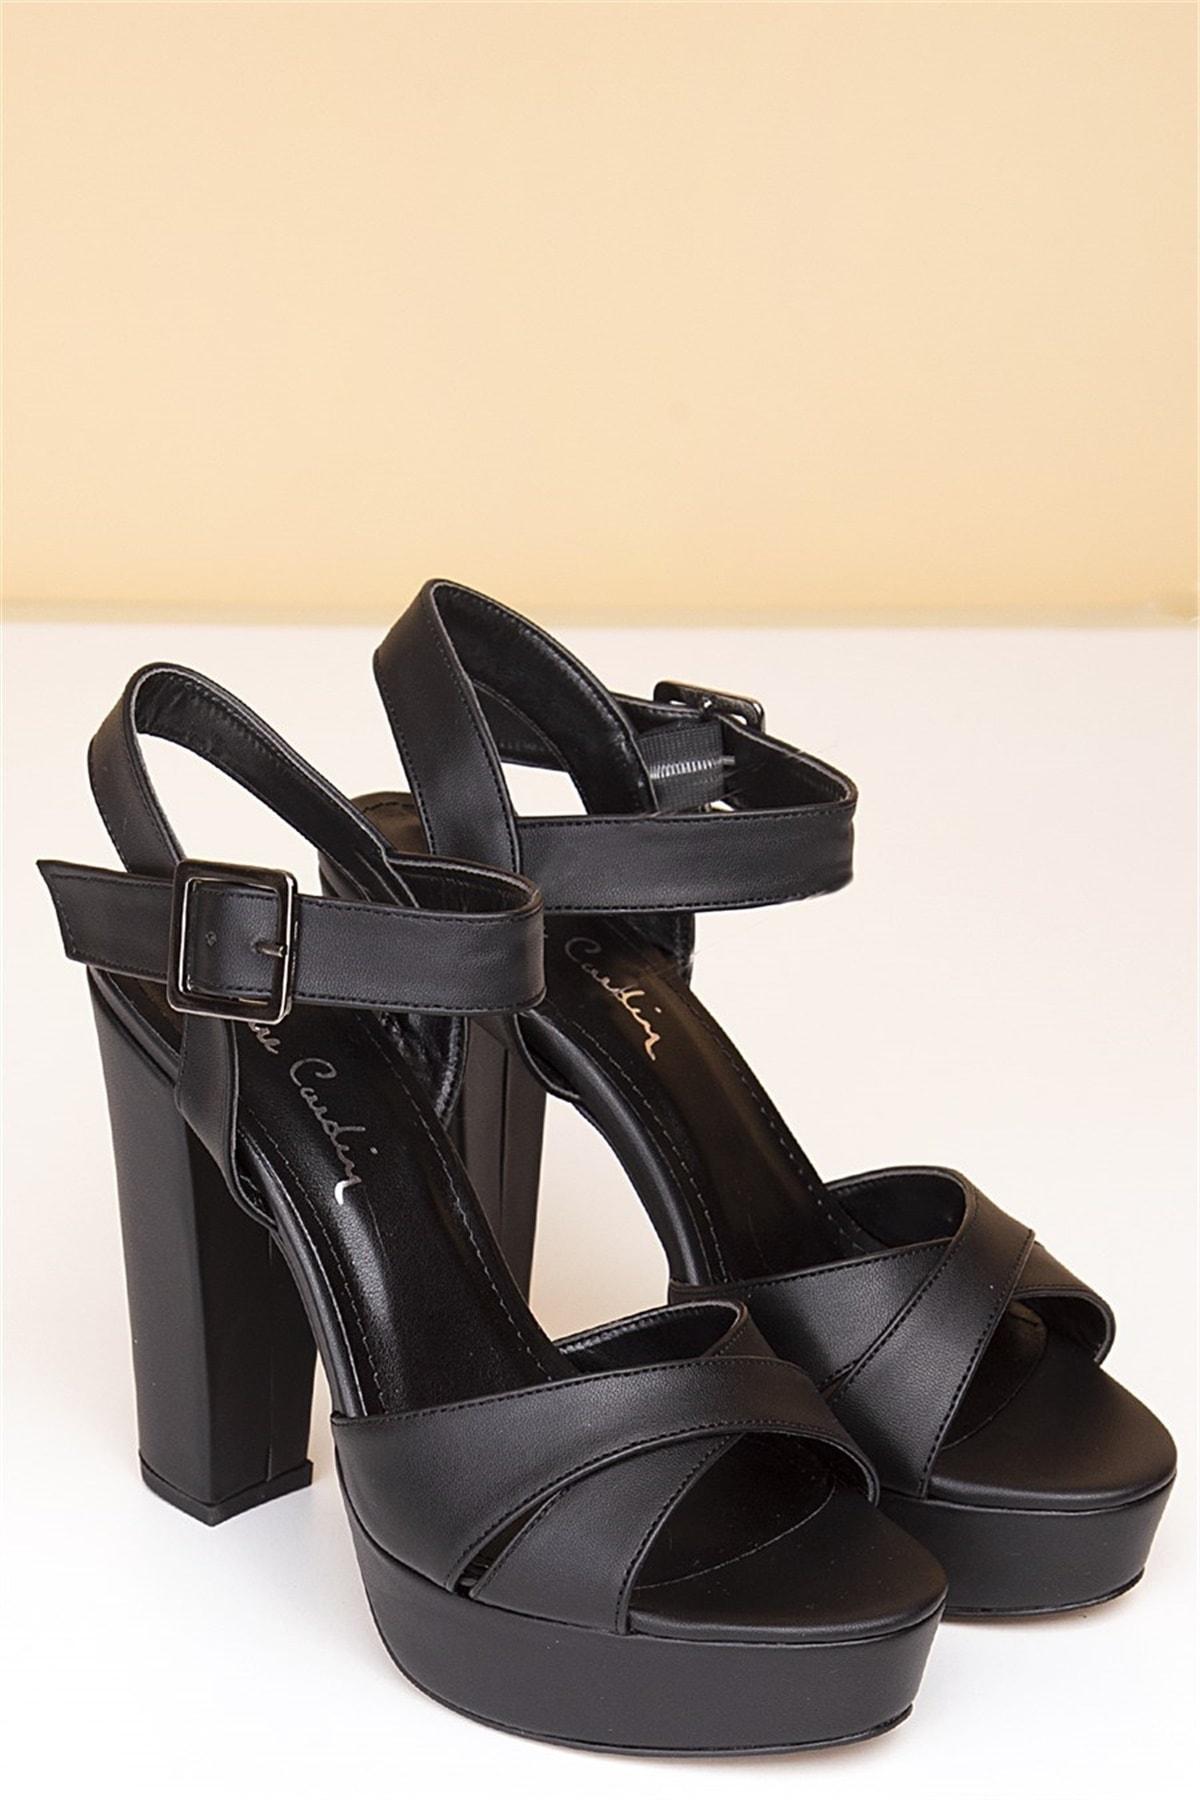 Pierre Cardin Kadın Topuklu Ayakkabı-Siyah